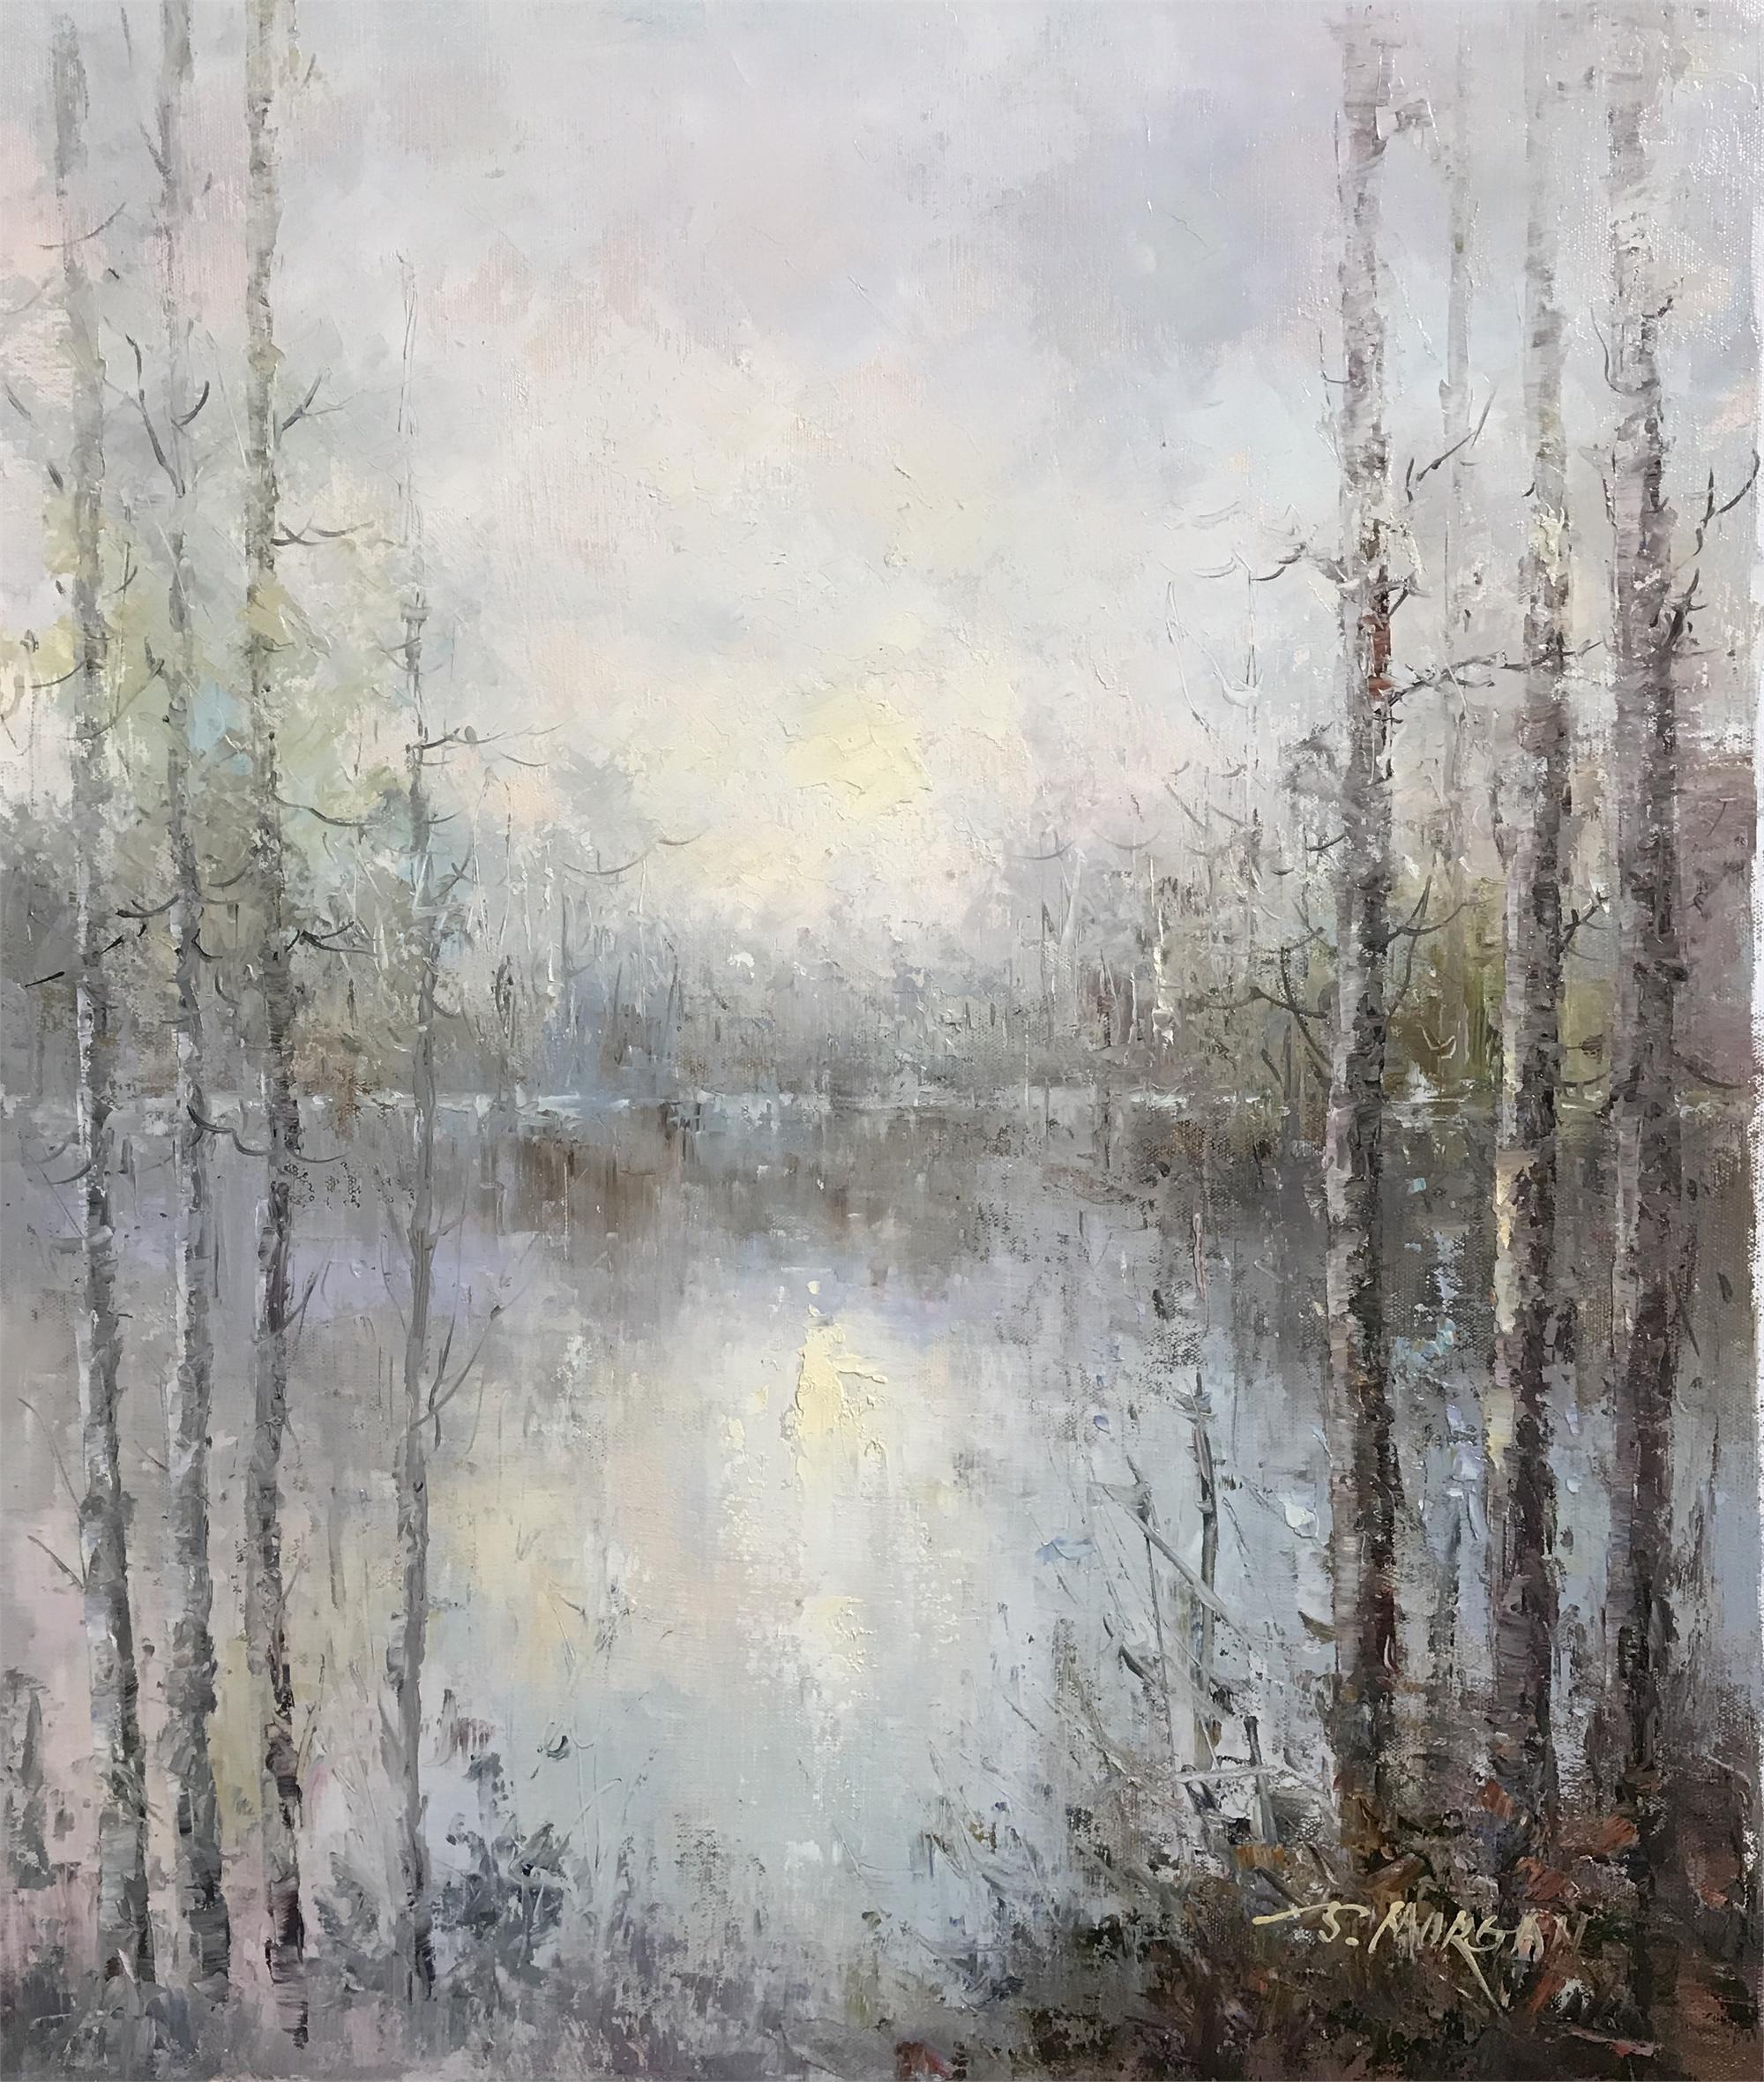 COOL WATER BETWEEN TREES by J. MORGAN